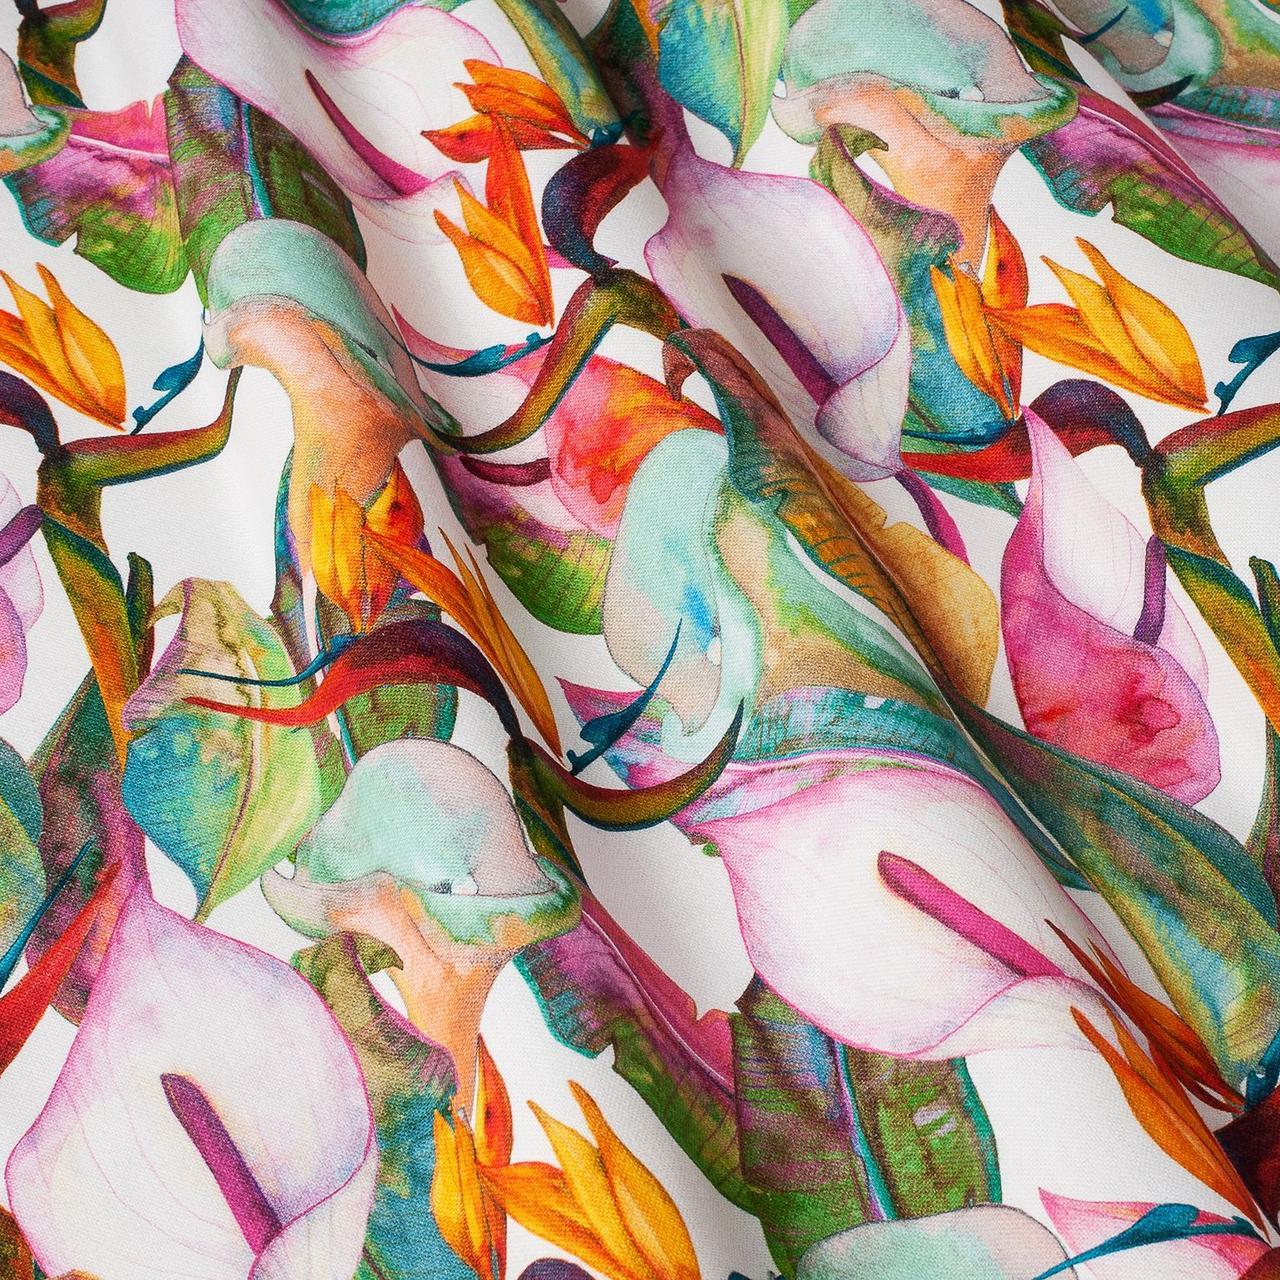 Декоративная ткань розовые и оранжевые цветы на белом фоне Испания 87892v1